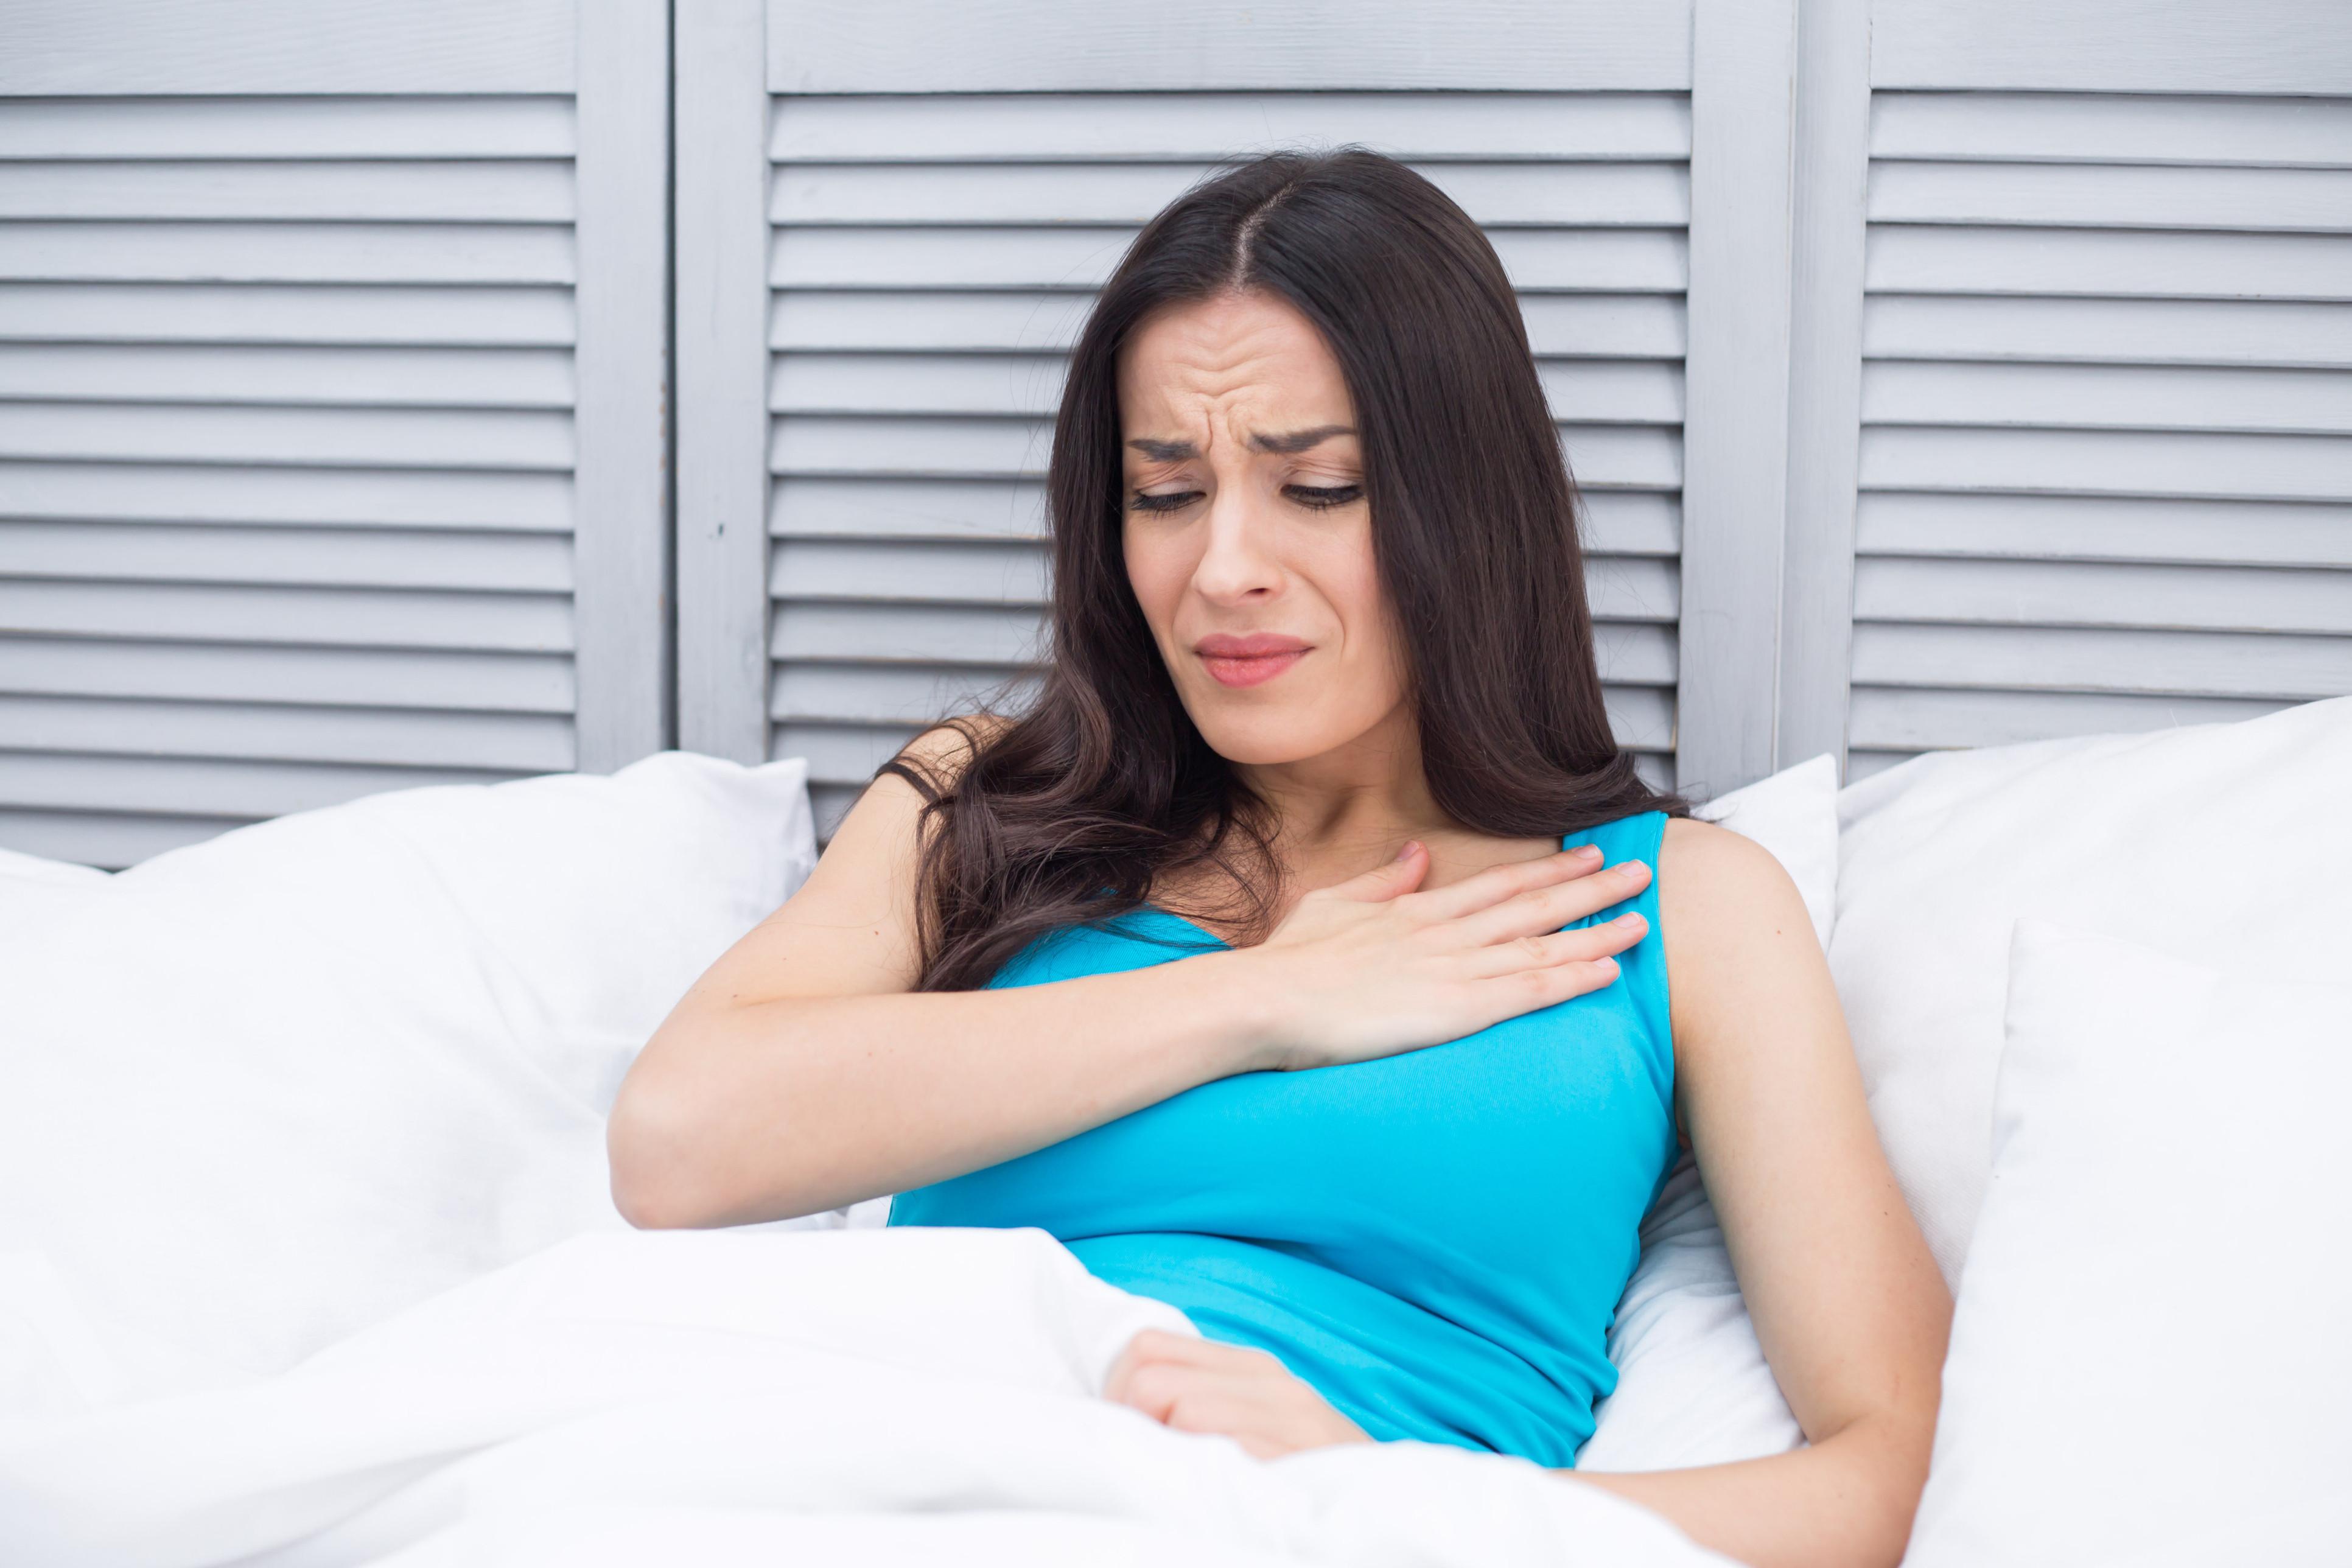 Tic-tac. Quatro sinais de ataque cardíaco nas mulheres